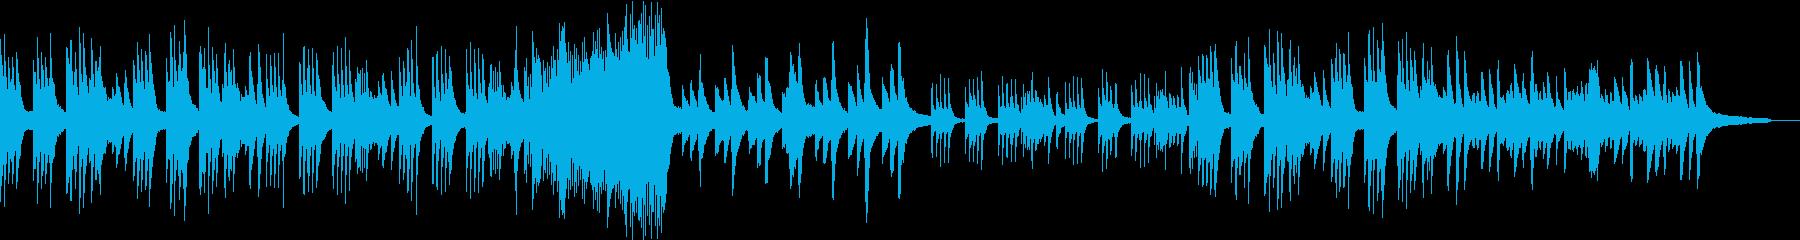 勿忘草をイメージしたピアノ音楽の再生済みの波形